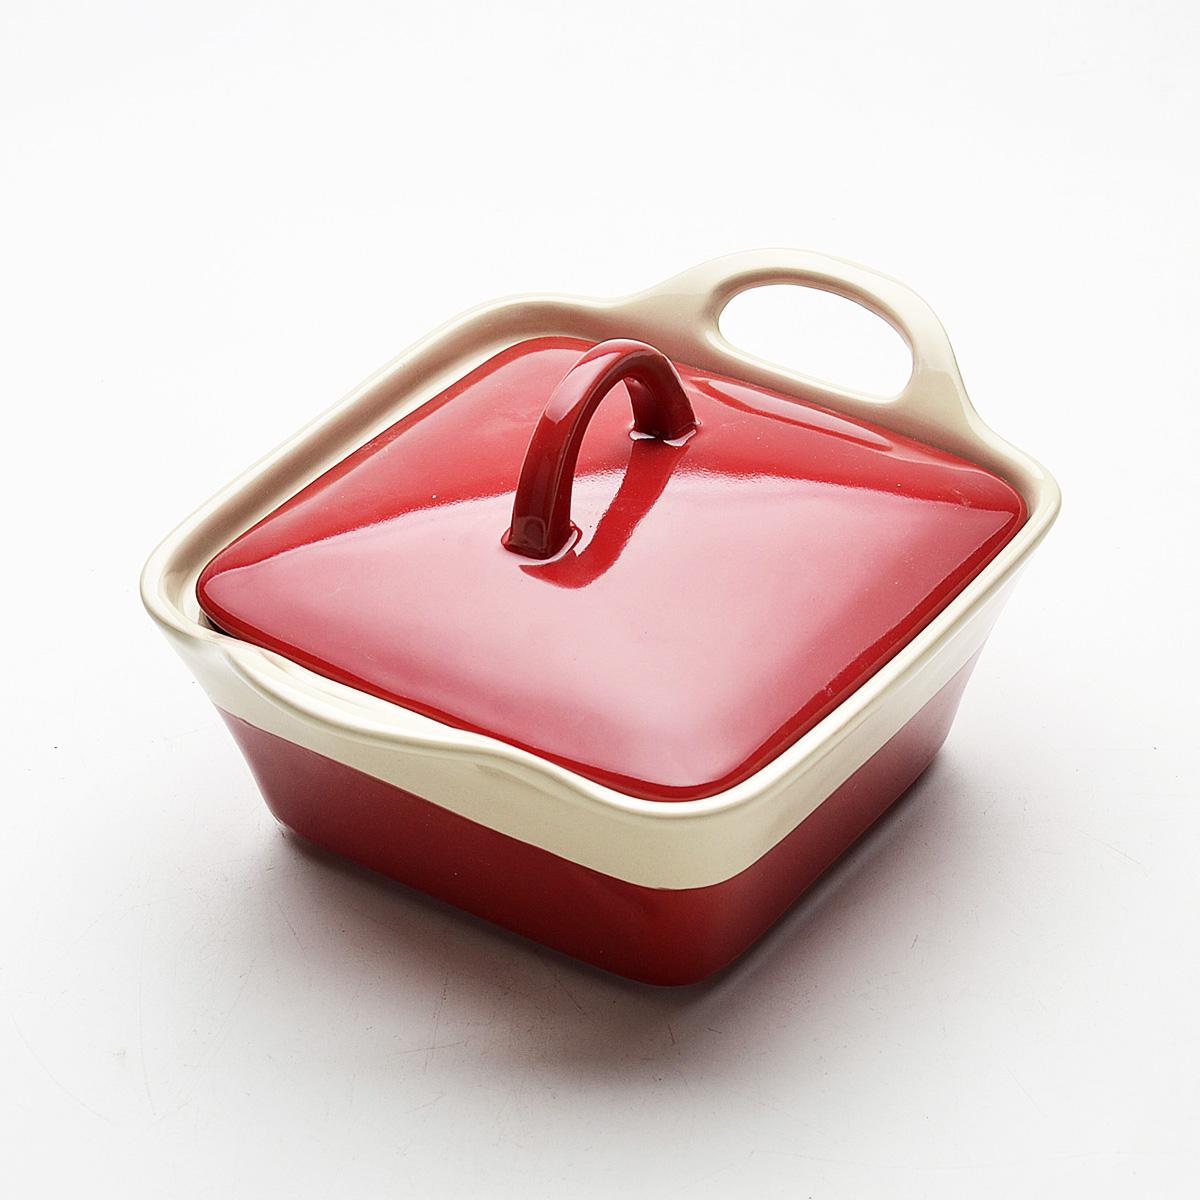 Кастрюля Mayer & Boch с крышкой, цвет: красный, 680 мл. 2180621806Кастрюля Mayer & Boch изготовленная из жаропрочной керамики, подходит для любого вида пищи. Элегантный дизайн идеально подходит для современного дома. В комплект входит крышка из керамики. Глиняные ручки обеспечивают надежный захват. Изделия из керамики идеально подходят как для приготовления пищи, так и для подачи на стол. Материал не содержит свинца и кадмия. С такой кастрюлей вы всегда сможете порадовать своих близких оригинальным блюдом. Кастрюлю можно использовать на газовой, электрической плите и в микроволновой печи. Можно мыть в посудомоечной машине.